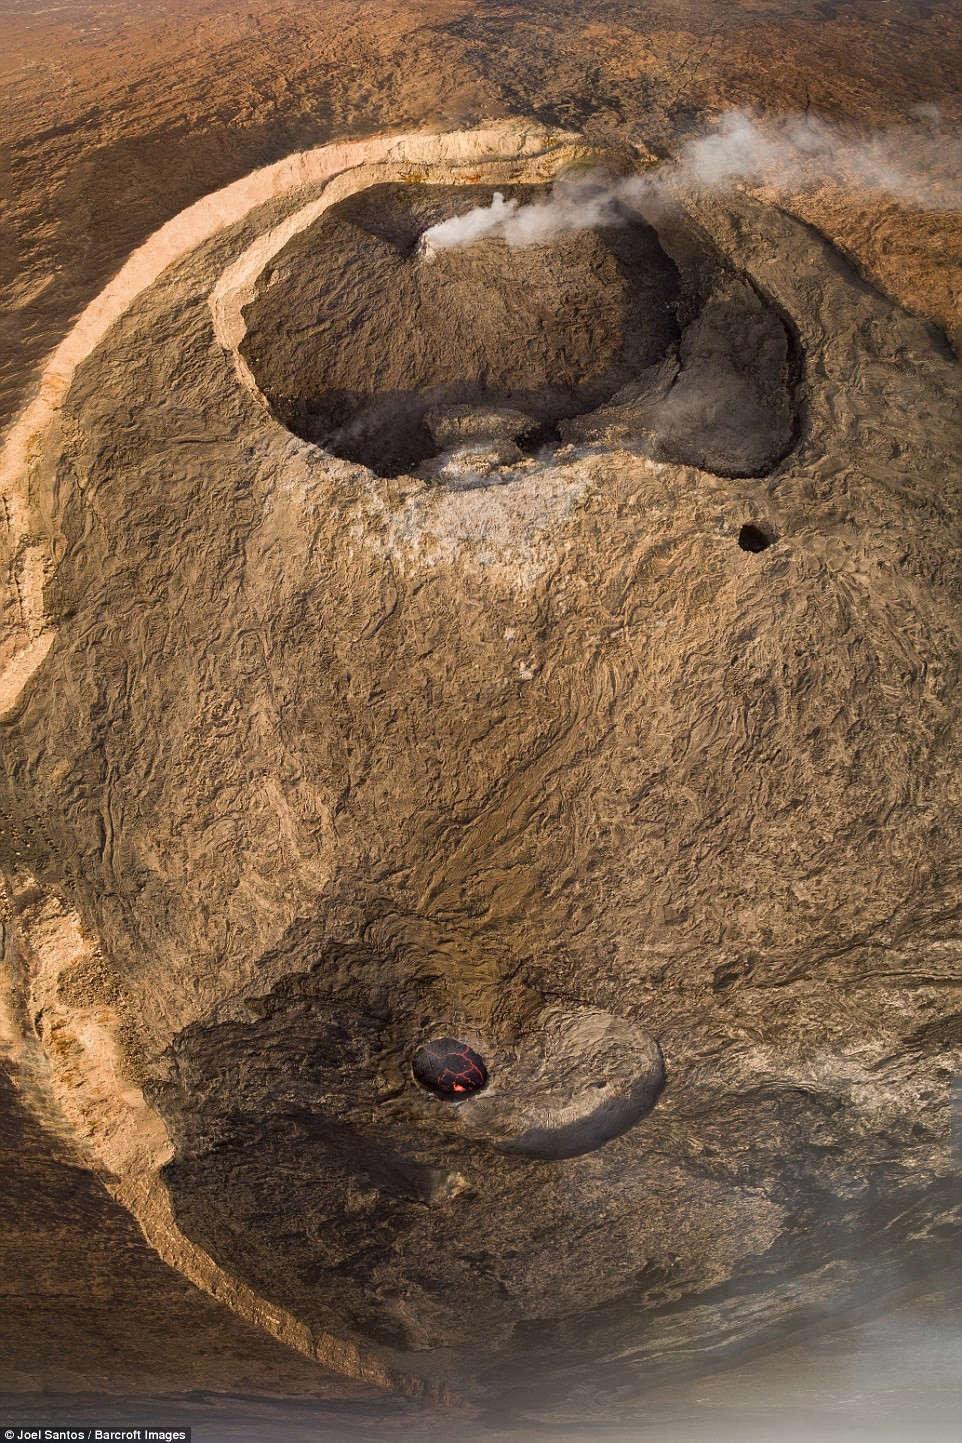 Thông tin về Erta Ale khá hạn chế, do địa hình xung quanh thuộc hàng khắc nghiệt nhất thế giới, và thổ dân địa phương không chào đón người lạ.